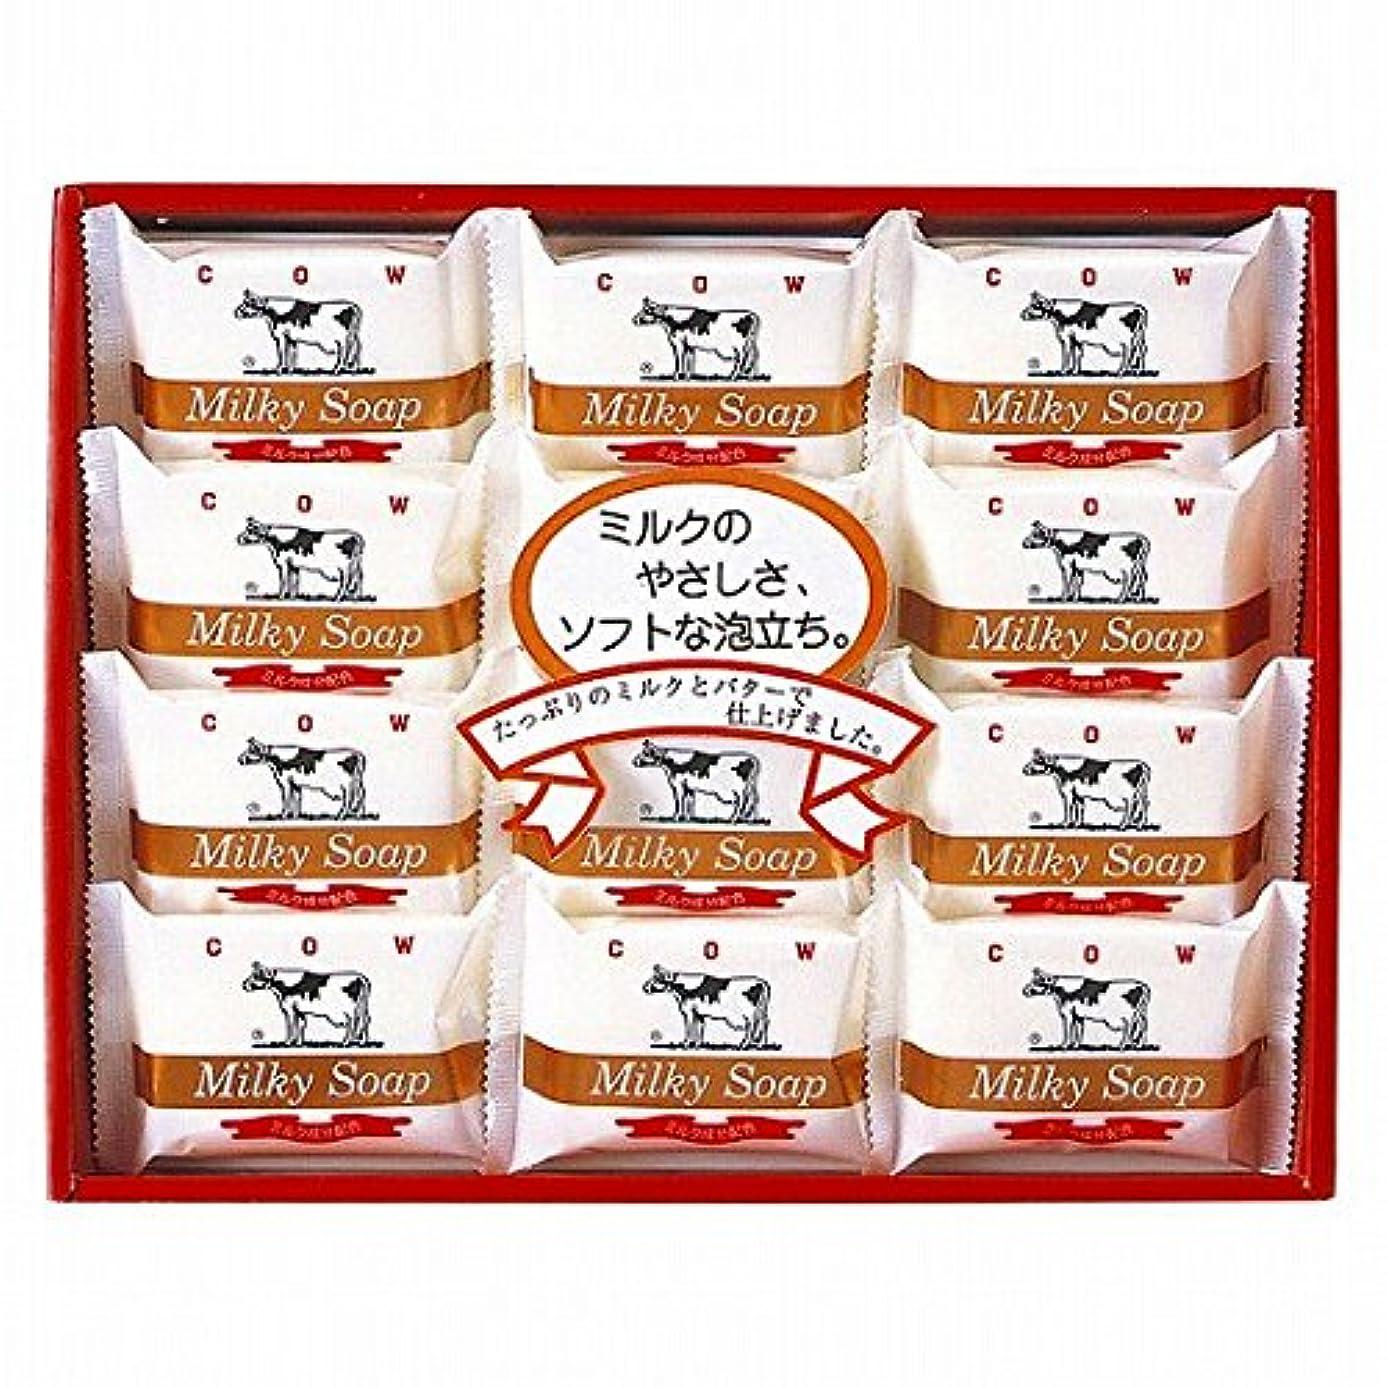 無秩序傷跡後悔nobrand 牛乳石鹸 ゴールドソープセット (21940005)